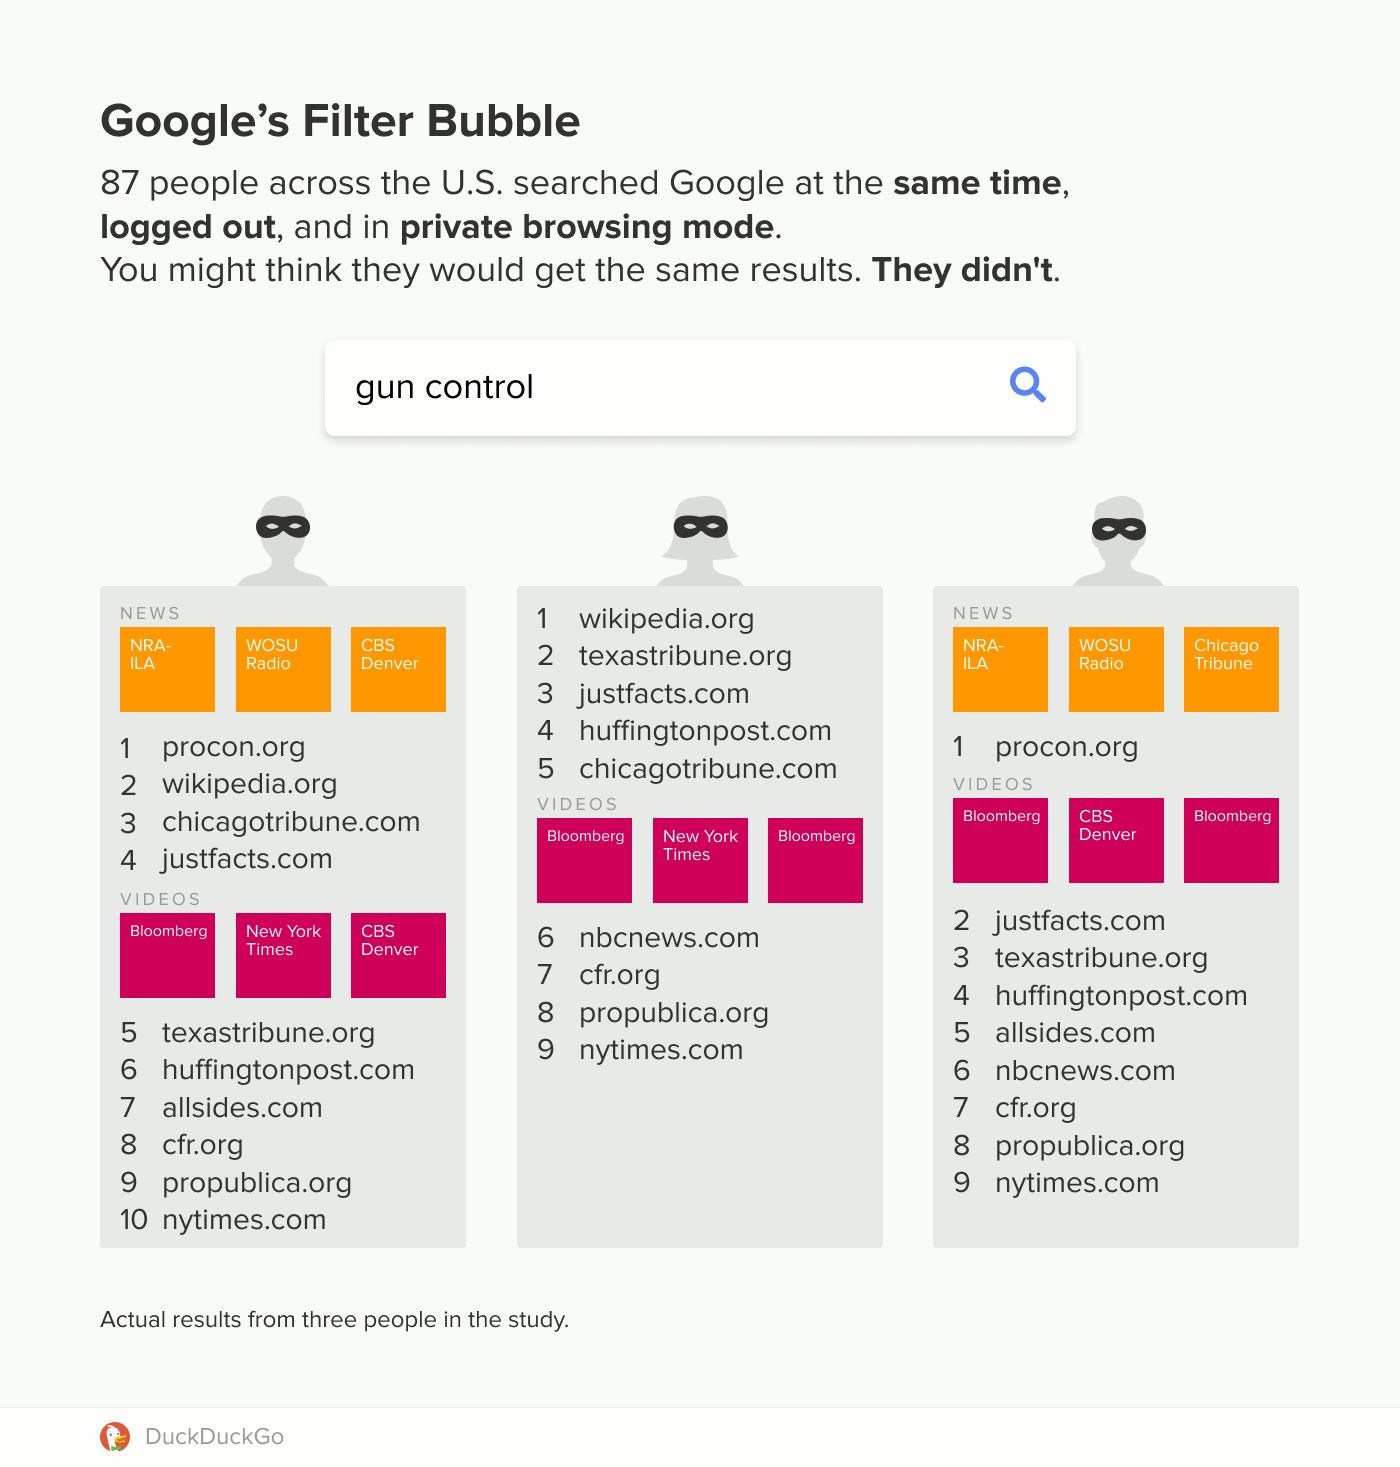 """Duckduckgo-Untersuchung: Google-Filterblase angeblich auch für ausgeloggte Nutzer - Die Suche nach dem Wort """"Waffenkontrolle"""" soll bei 87 Google-Suchen rund 62 verschiedene Variationen an Suchergebnissen ergeben haben. (Quelle: Duckduckgo)"""